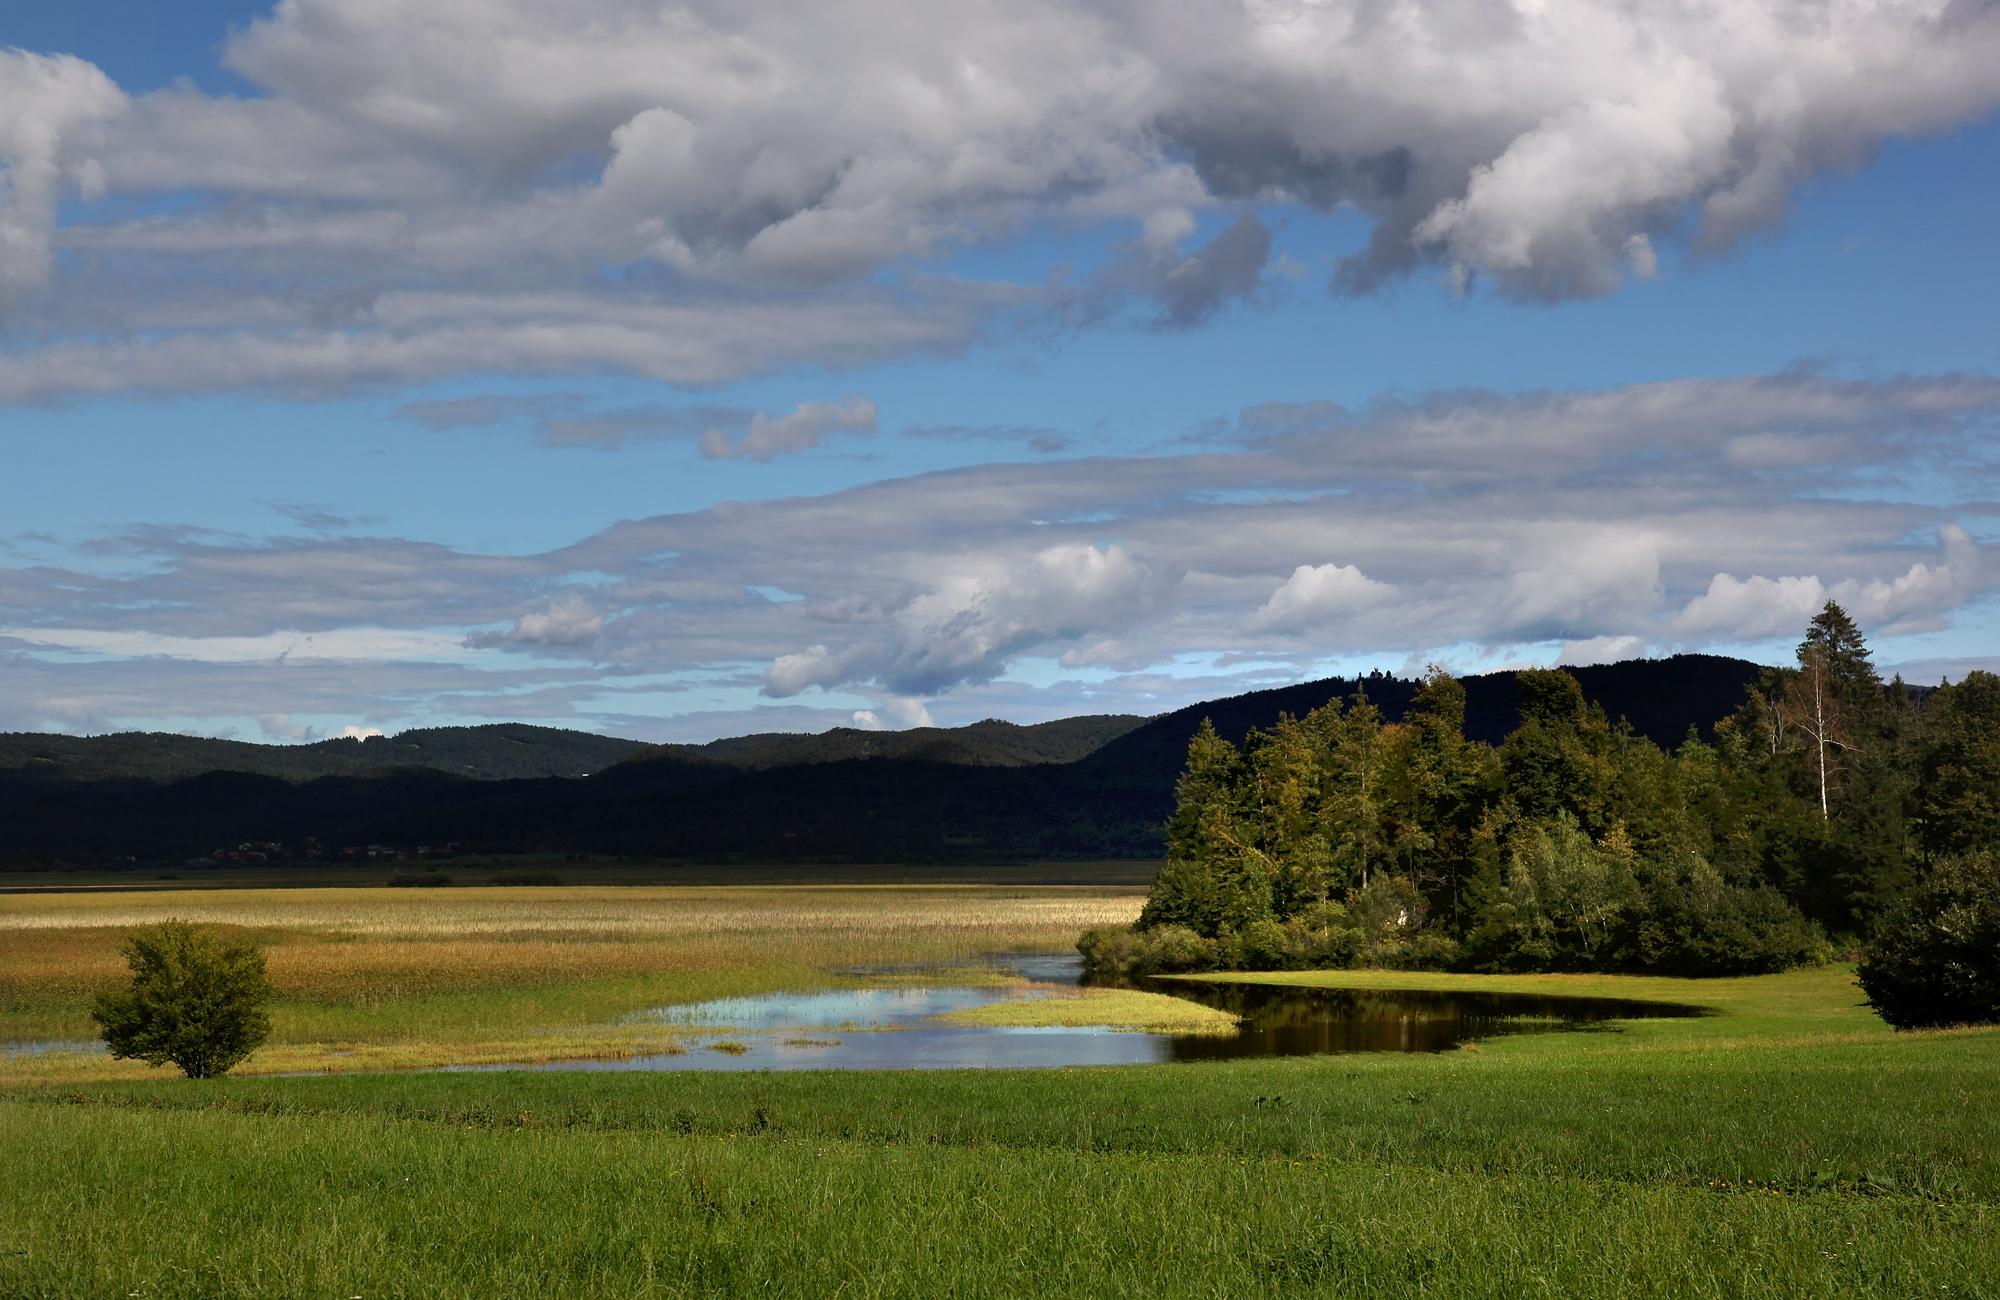 Nikoli ne vemo, katkšen obraz bo pokazalo jezero. Foto Izak Hribar Meden